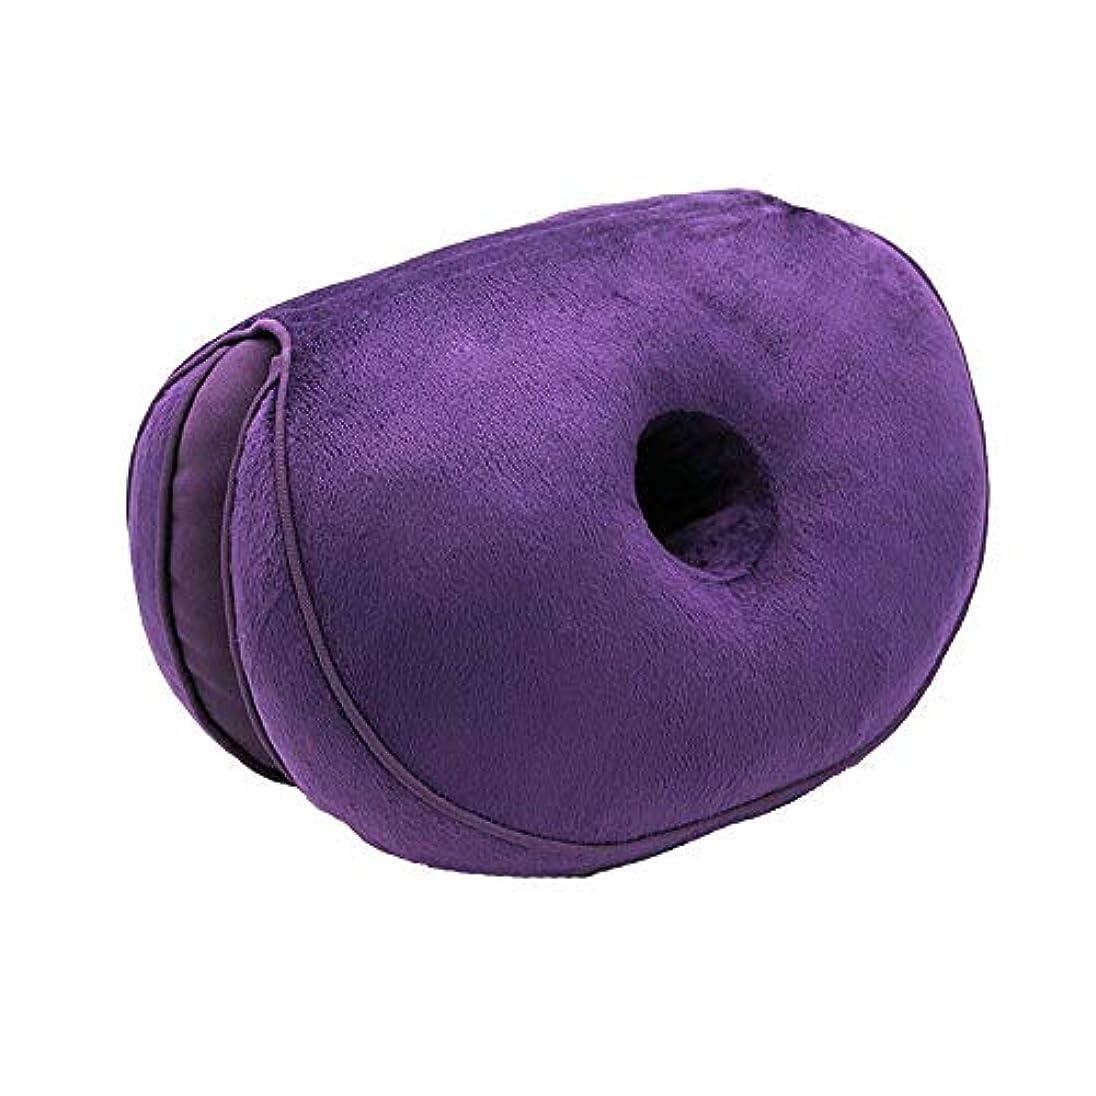 高度な取り壊すスケジュールLIFE 新デュアルシートクッション低反発ラテックスオフィスチェアバックシートクッション快適な臀部マットパッド枕旅行枕女性女の子 クッション 椅子